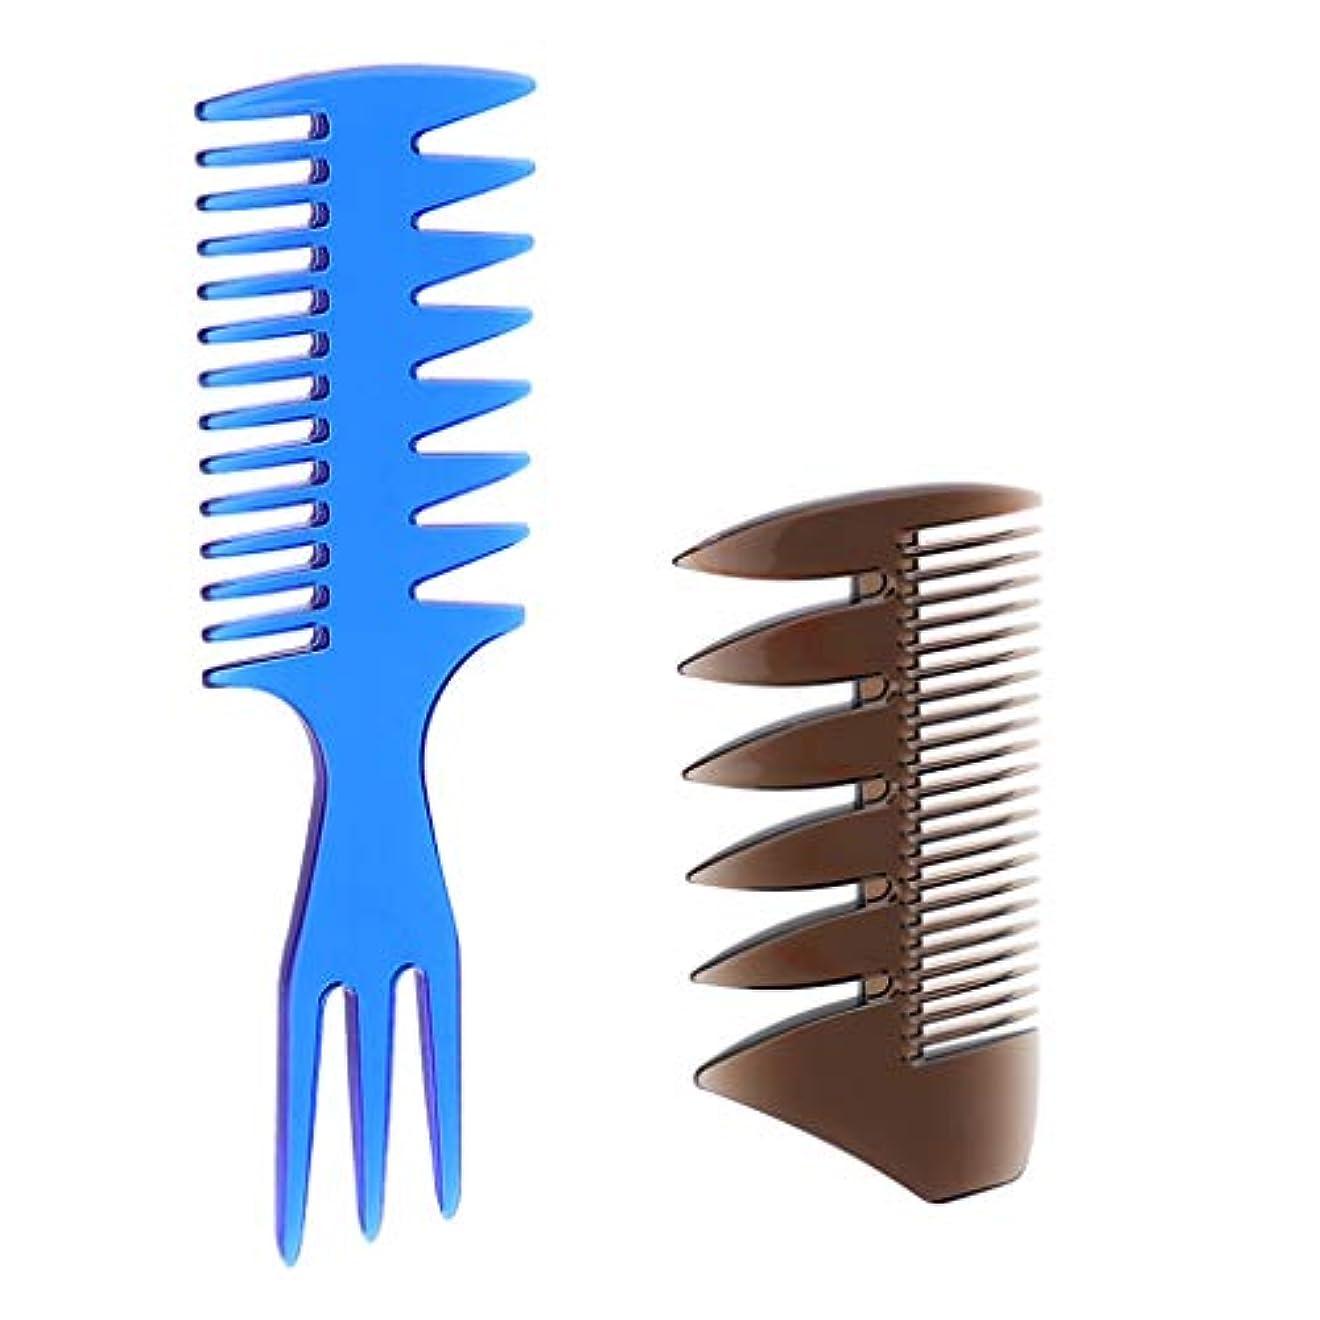 ミルクためらう無限T TOOYFUL 2本 男性の油性の髪 櫛のサロンの色素 整髪美容整形幅広い歯